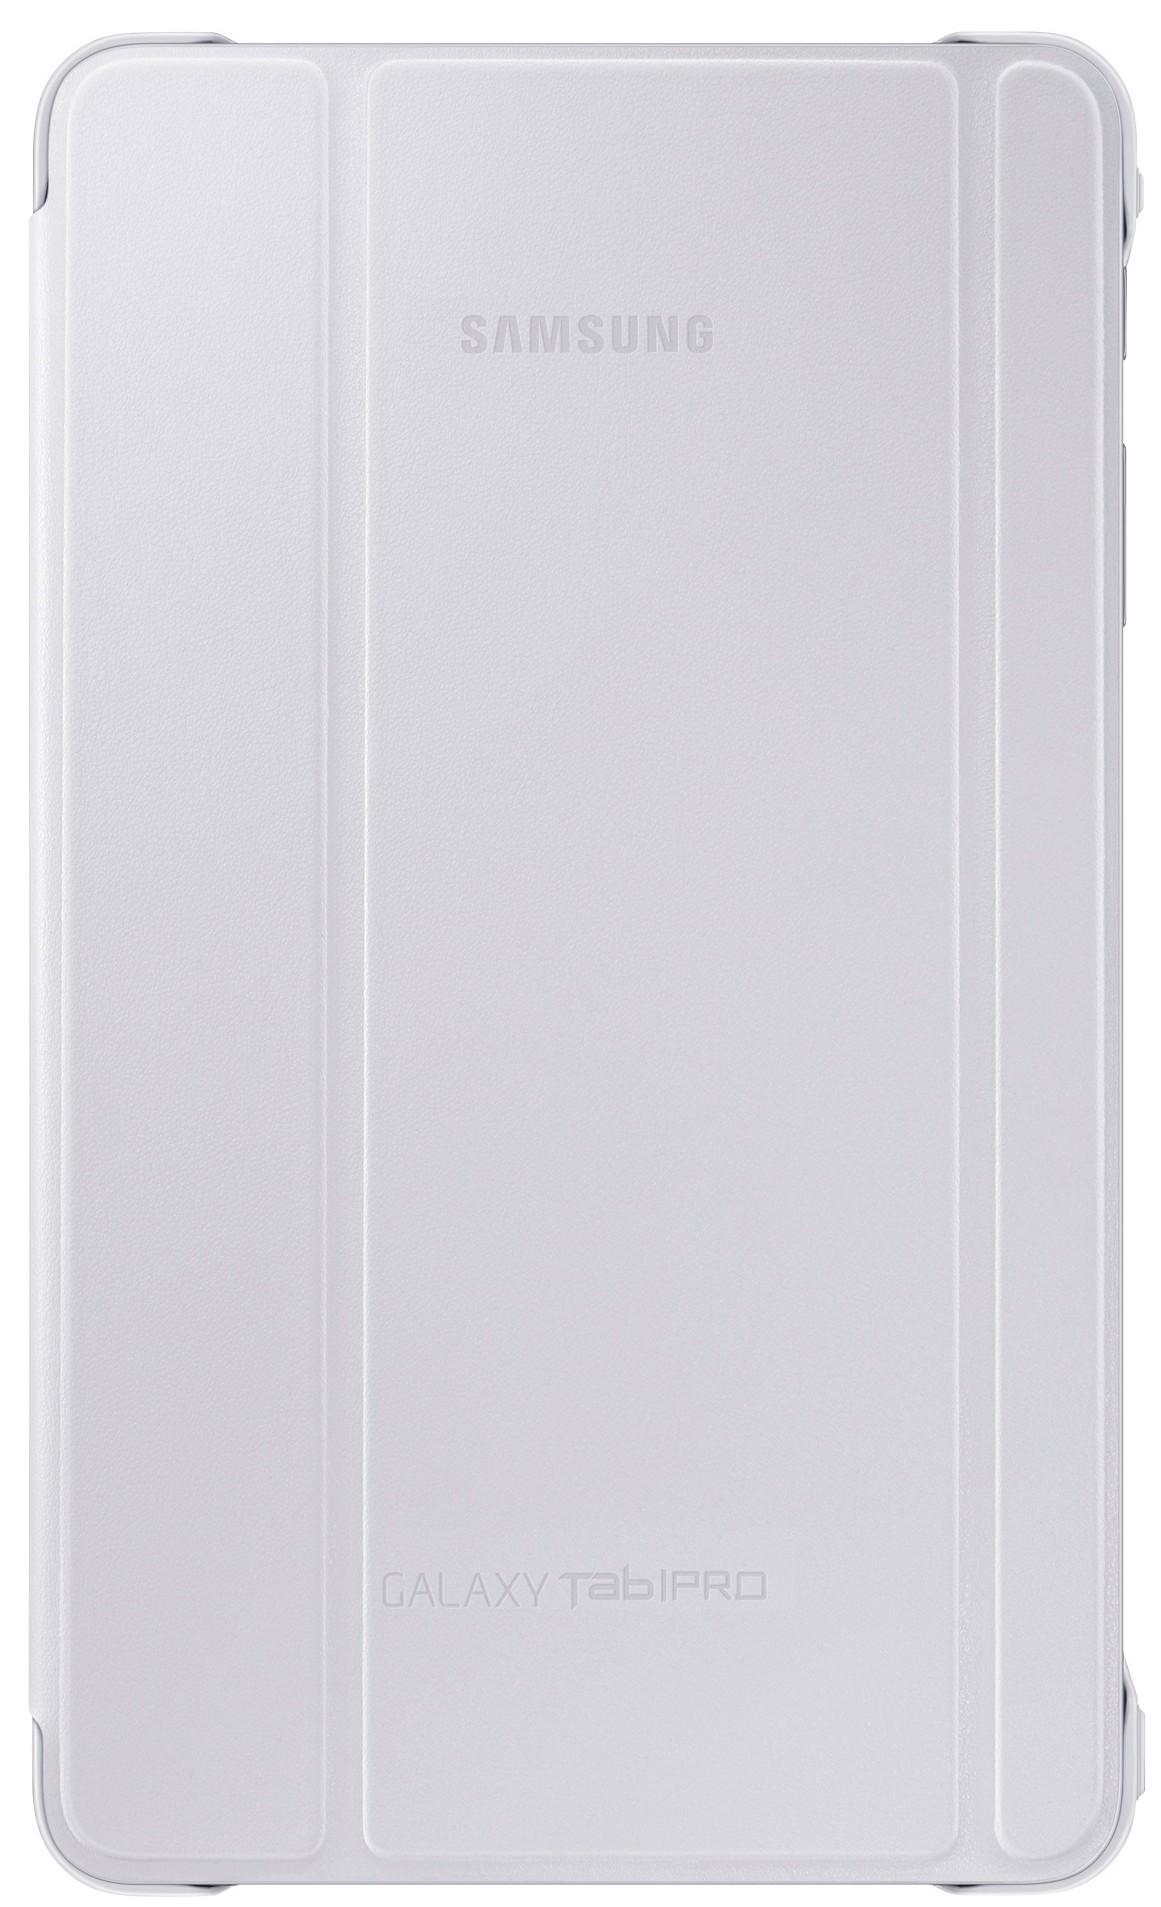 EF-BT320BWEGWW : Samsung Book Cover Case for Galaxy Tab Pro 8.4